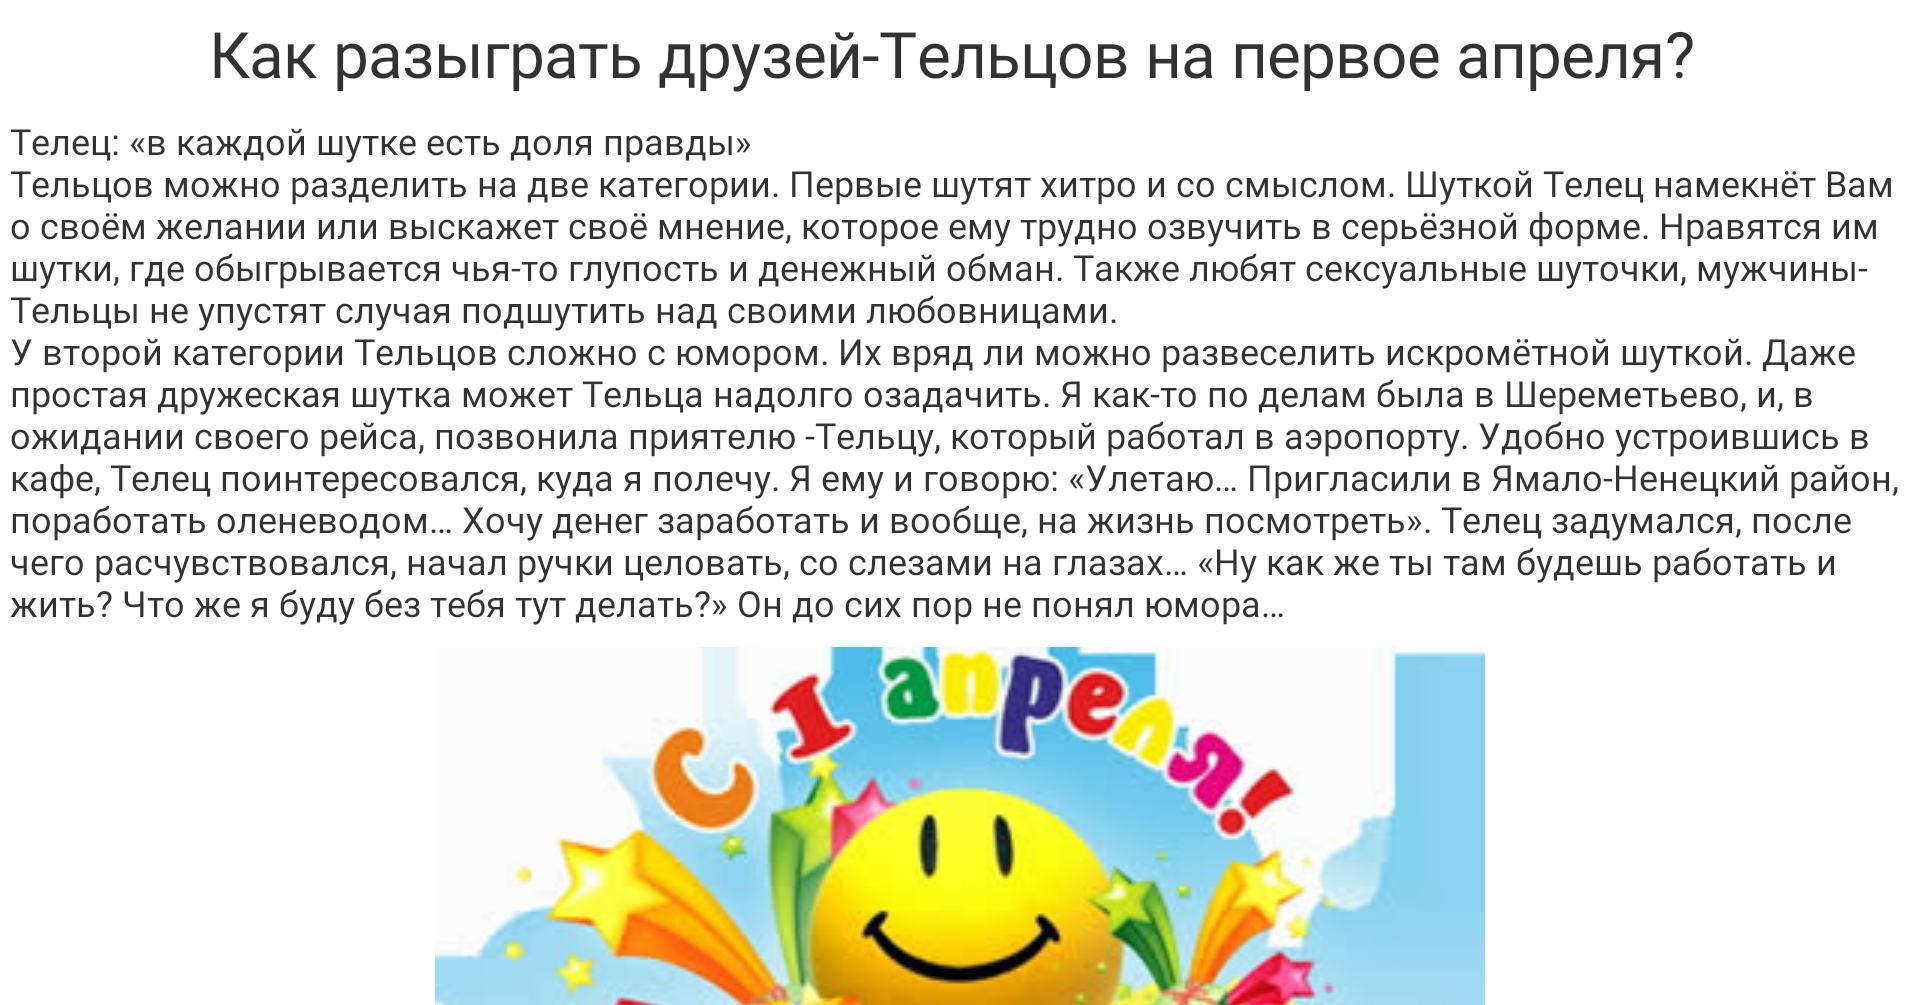 Телец Знаки Гороскопа poster